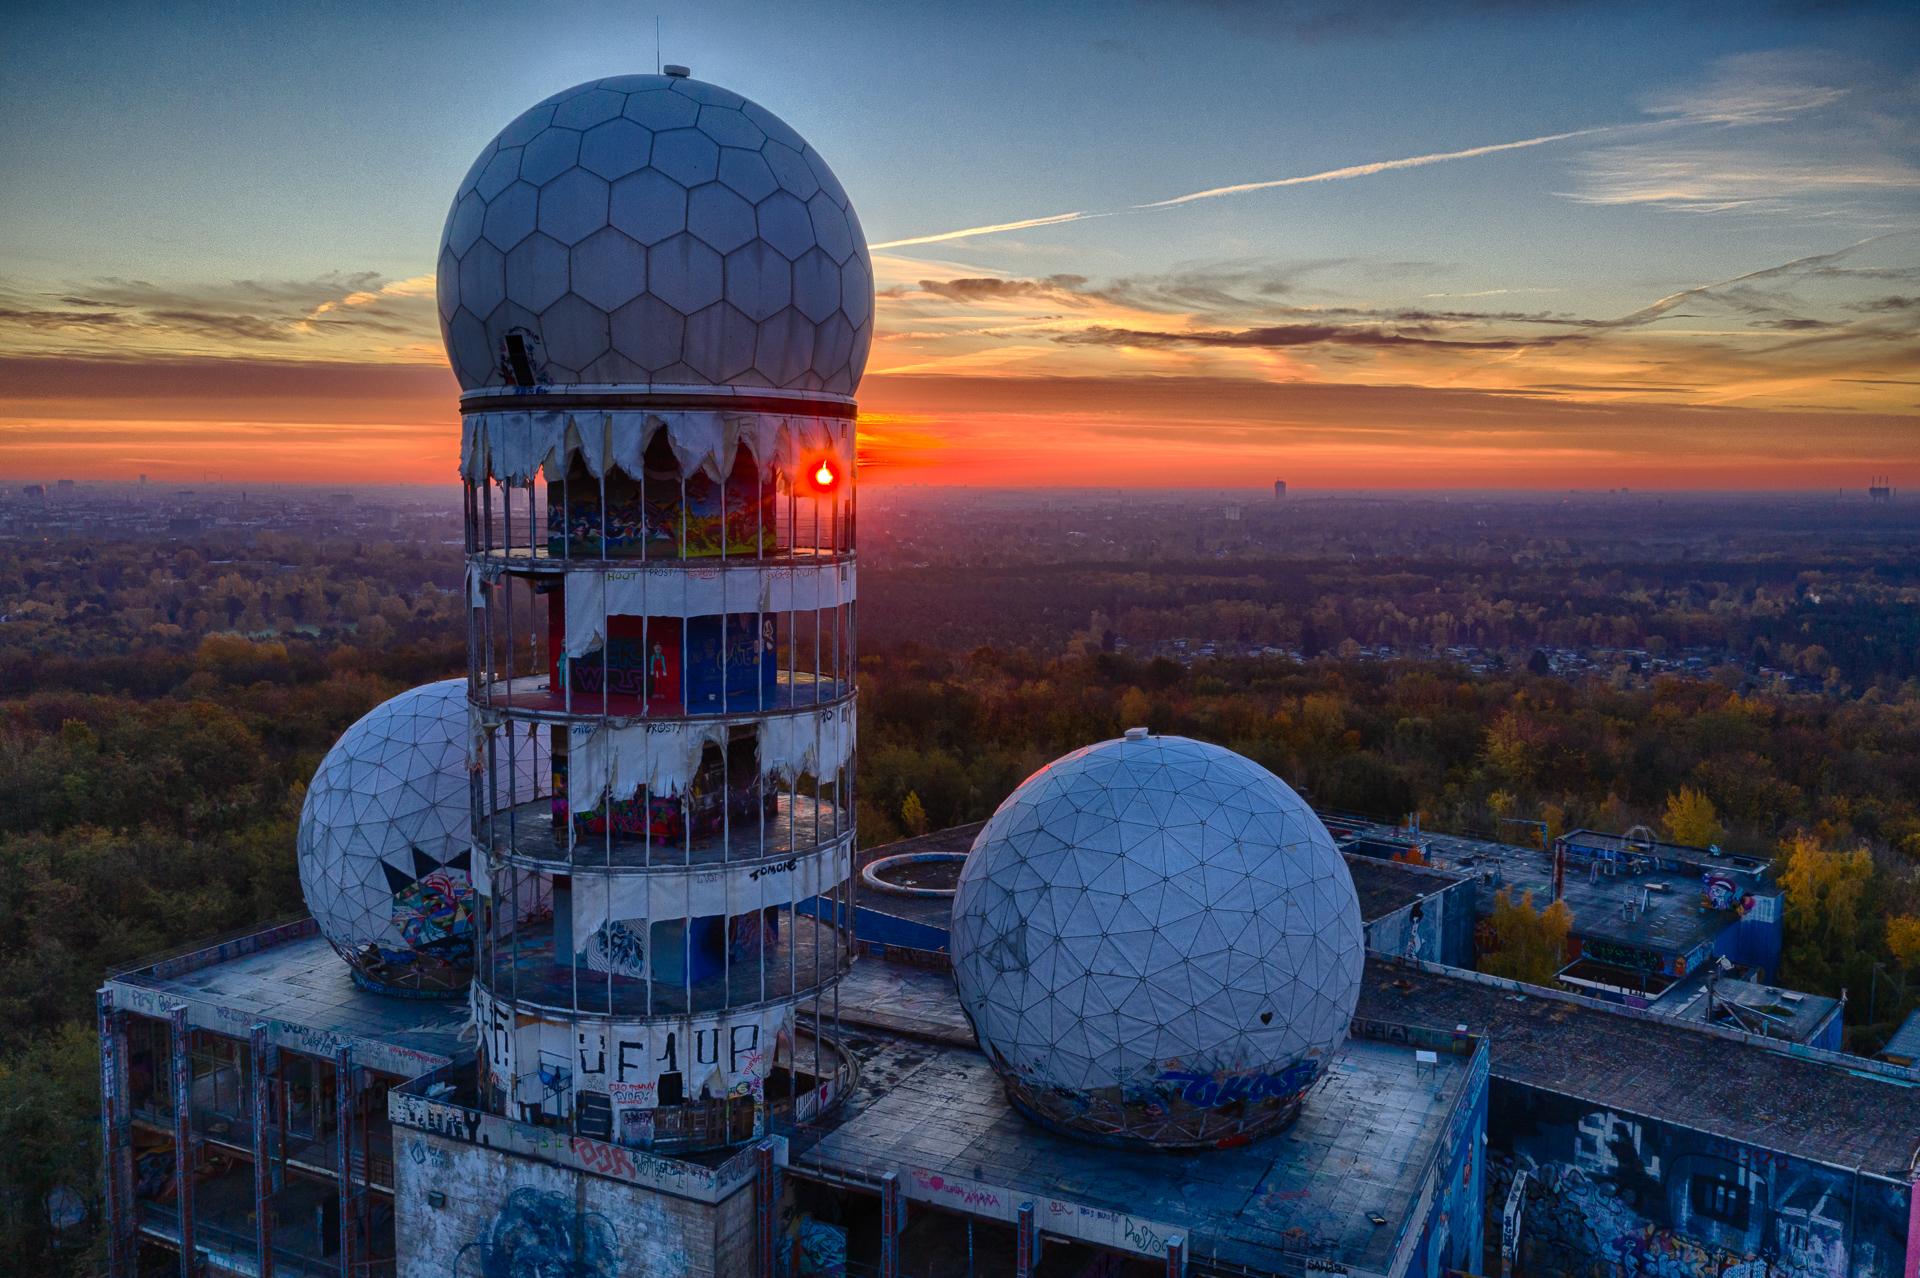 """Für uns der """"best view"""" der Stadt! Vom Teufelsberg aus haben Besucher einen 360-Grad-Rundum-Blick auf Berlin und Brandenburg. Ab Sommer 2020 soll der höchste der Stahlbetontürme wieder zugänglich sein."""